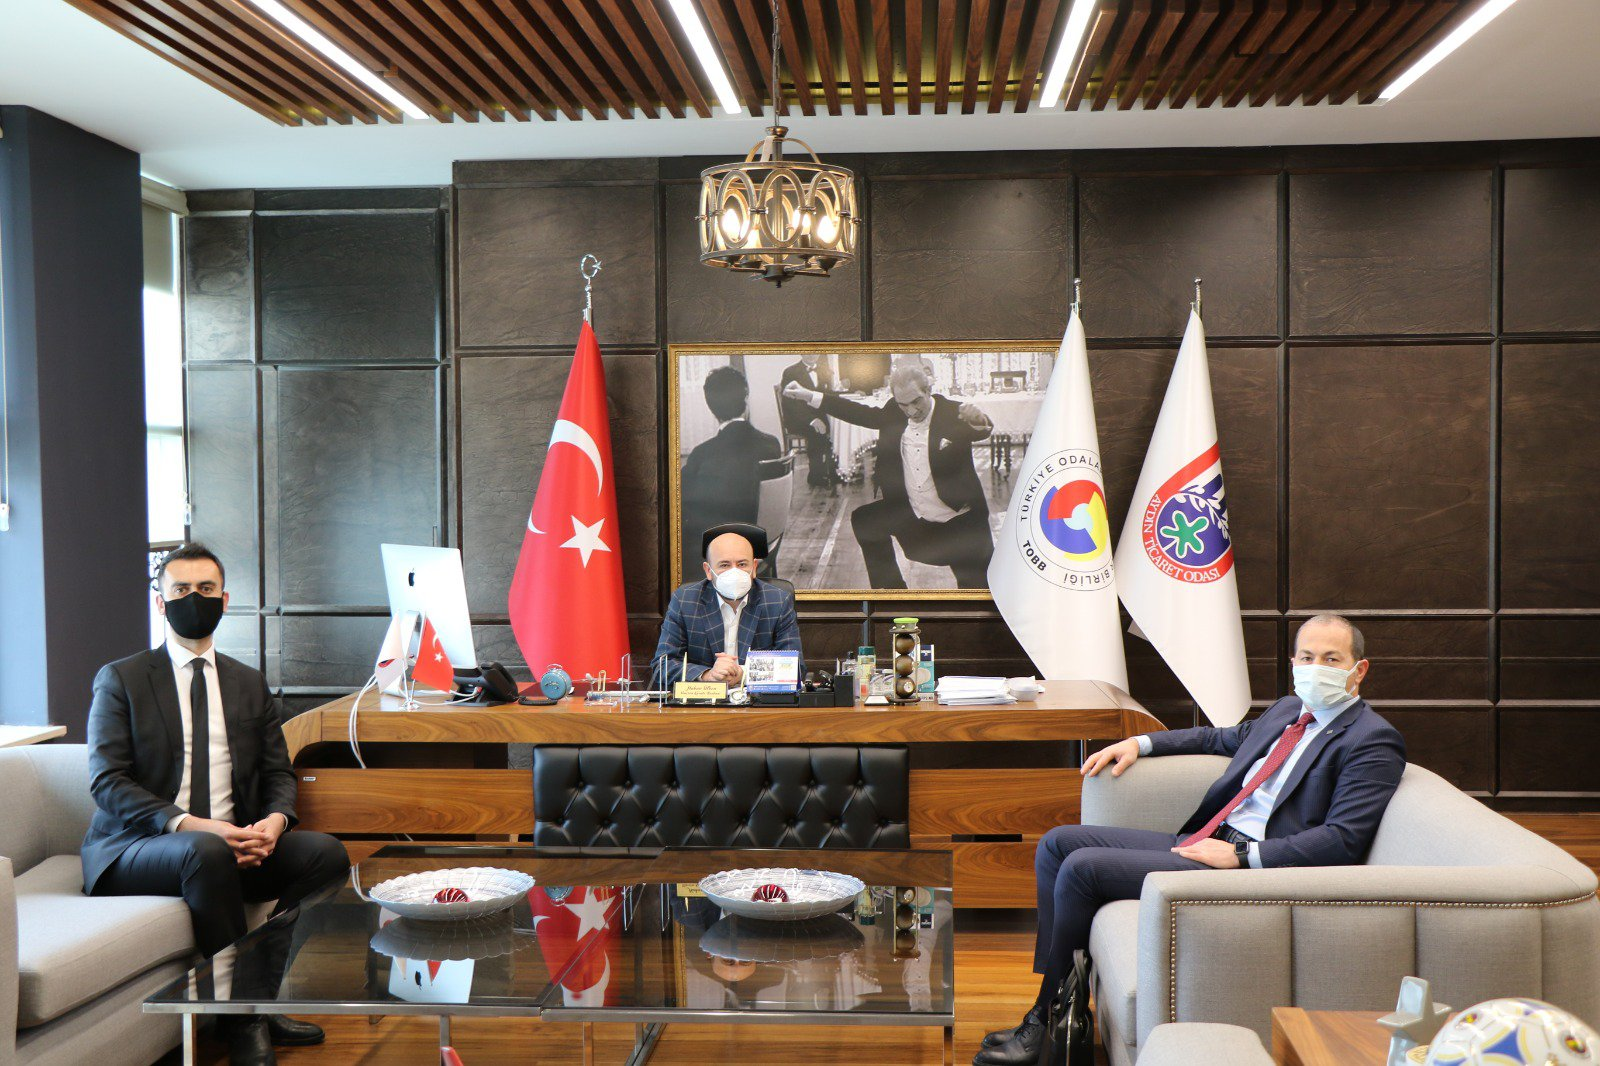 Vakıf Katılım Bankası Kobi Bankacılığı Birim Müdürü Lokman AVCI ve Aydın Şube Müdürü Osman HARMANCI, TOBB Yönetim Kurulu Üyesi ve Odamız Başkanı Hakan ÜLKEN' i makamında ziyaret etti.